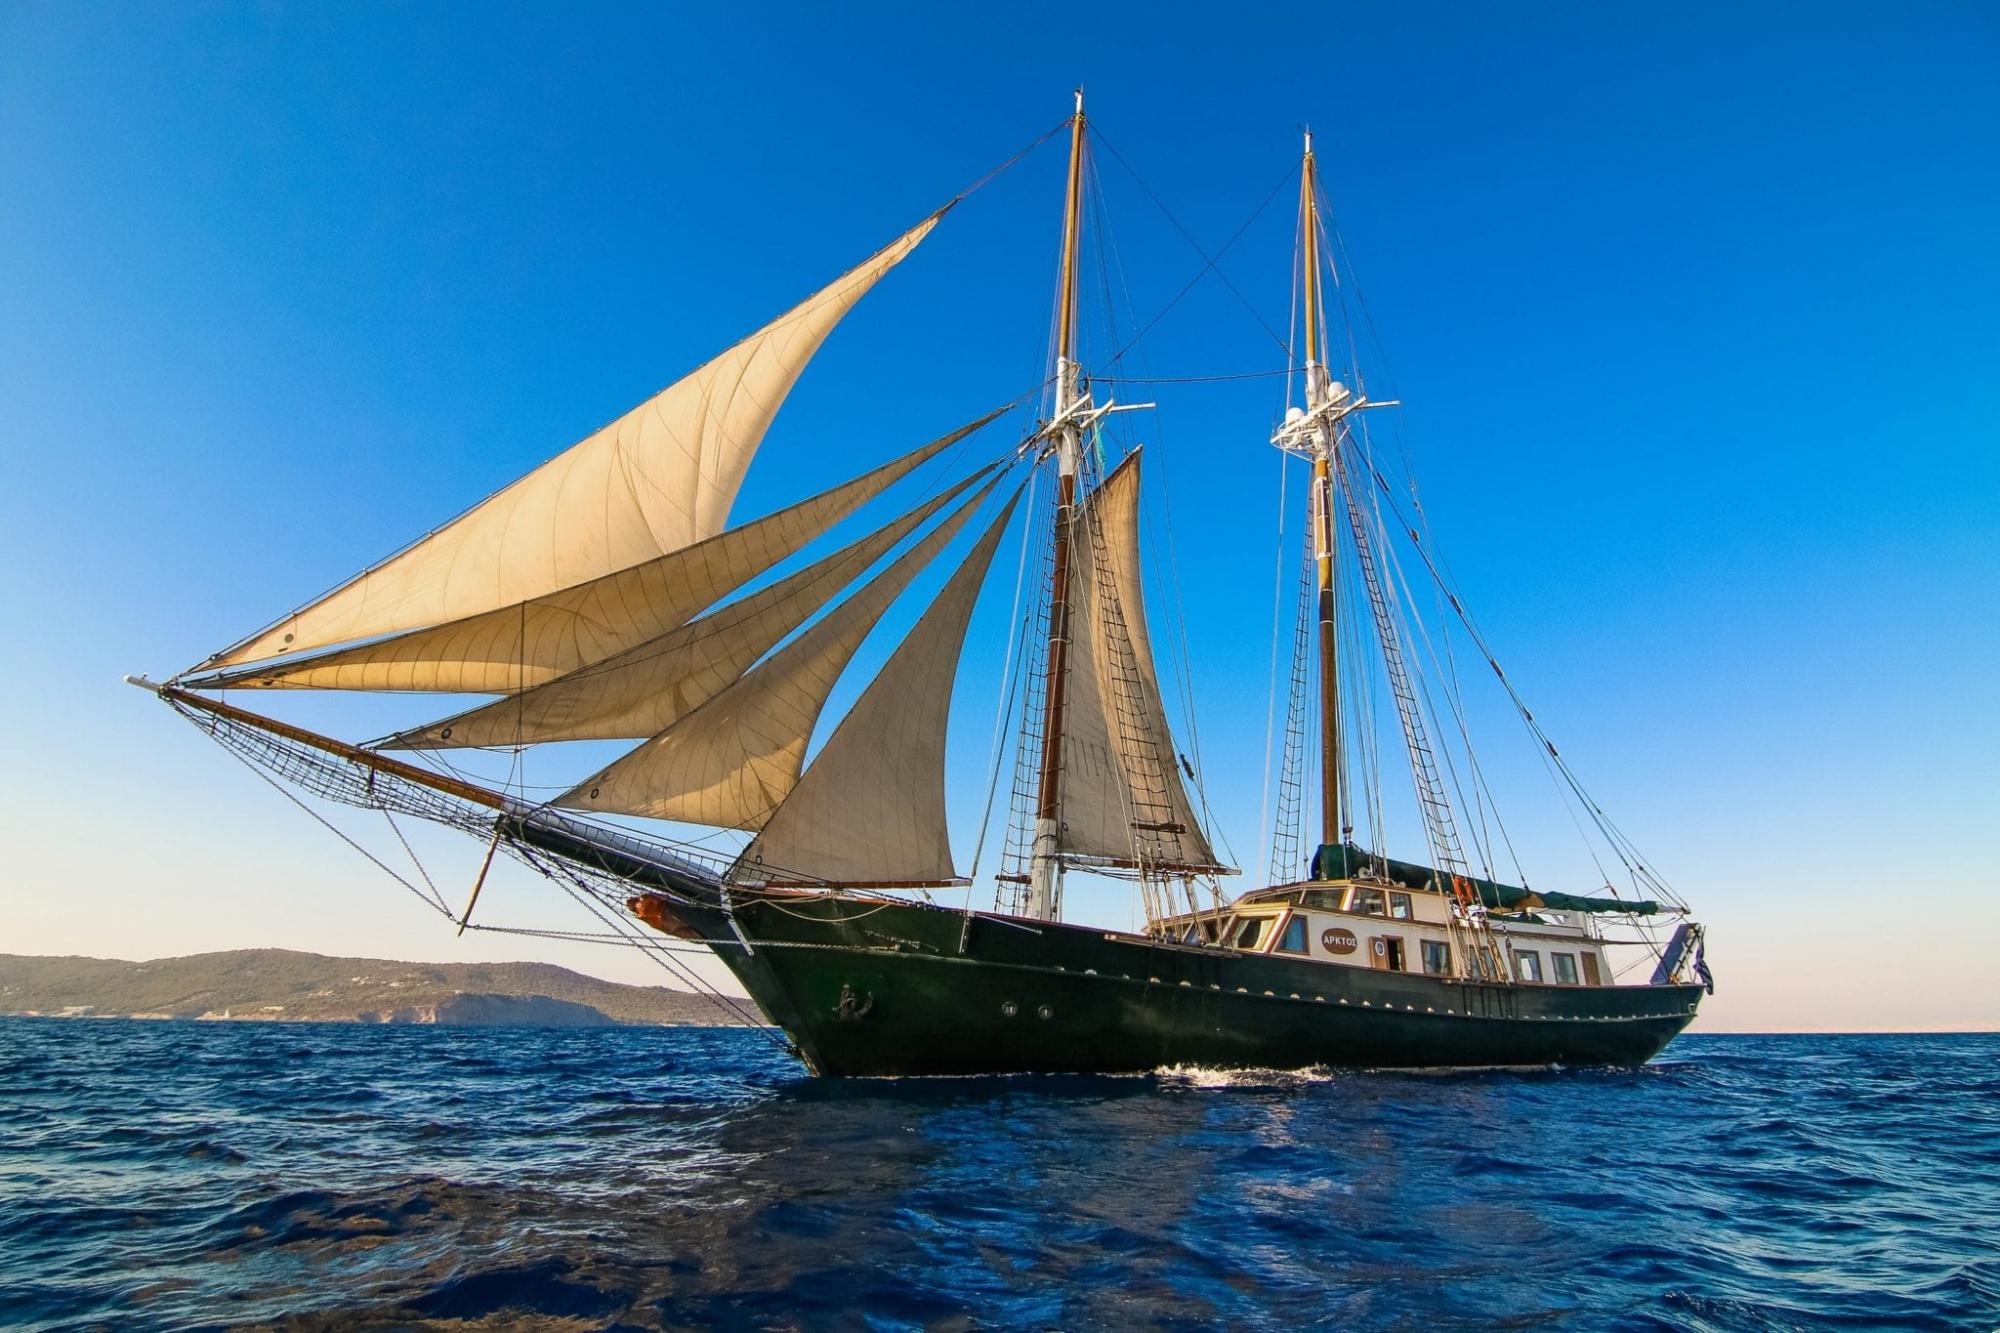 Luxury Motor Sailer (Schooner) 114 Feet